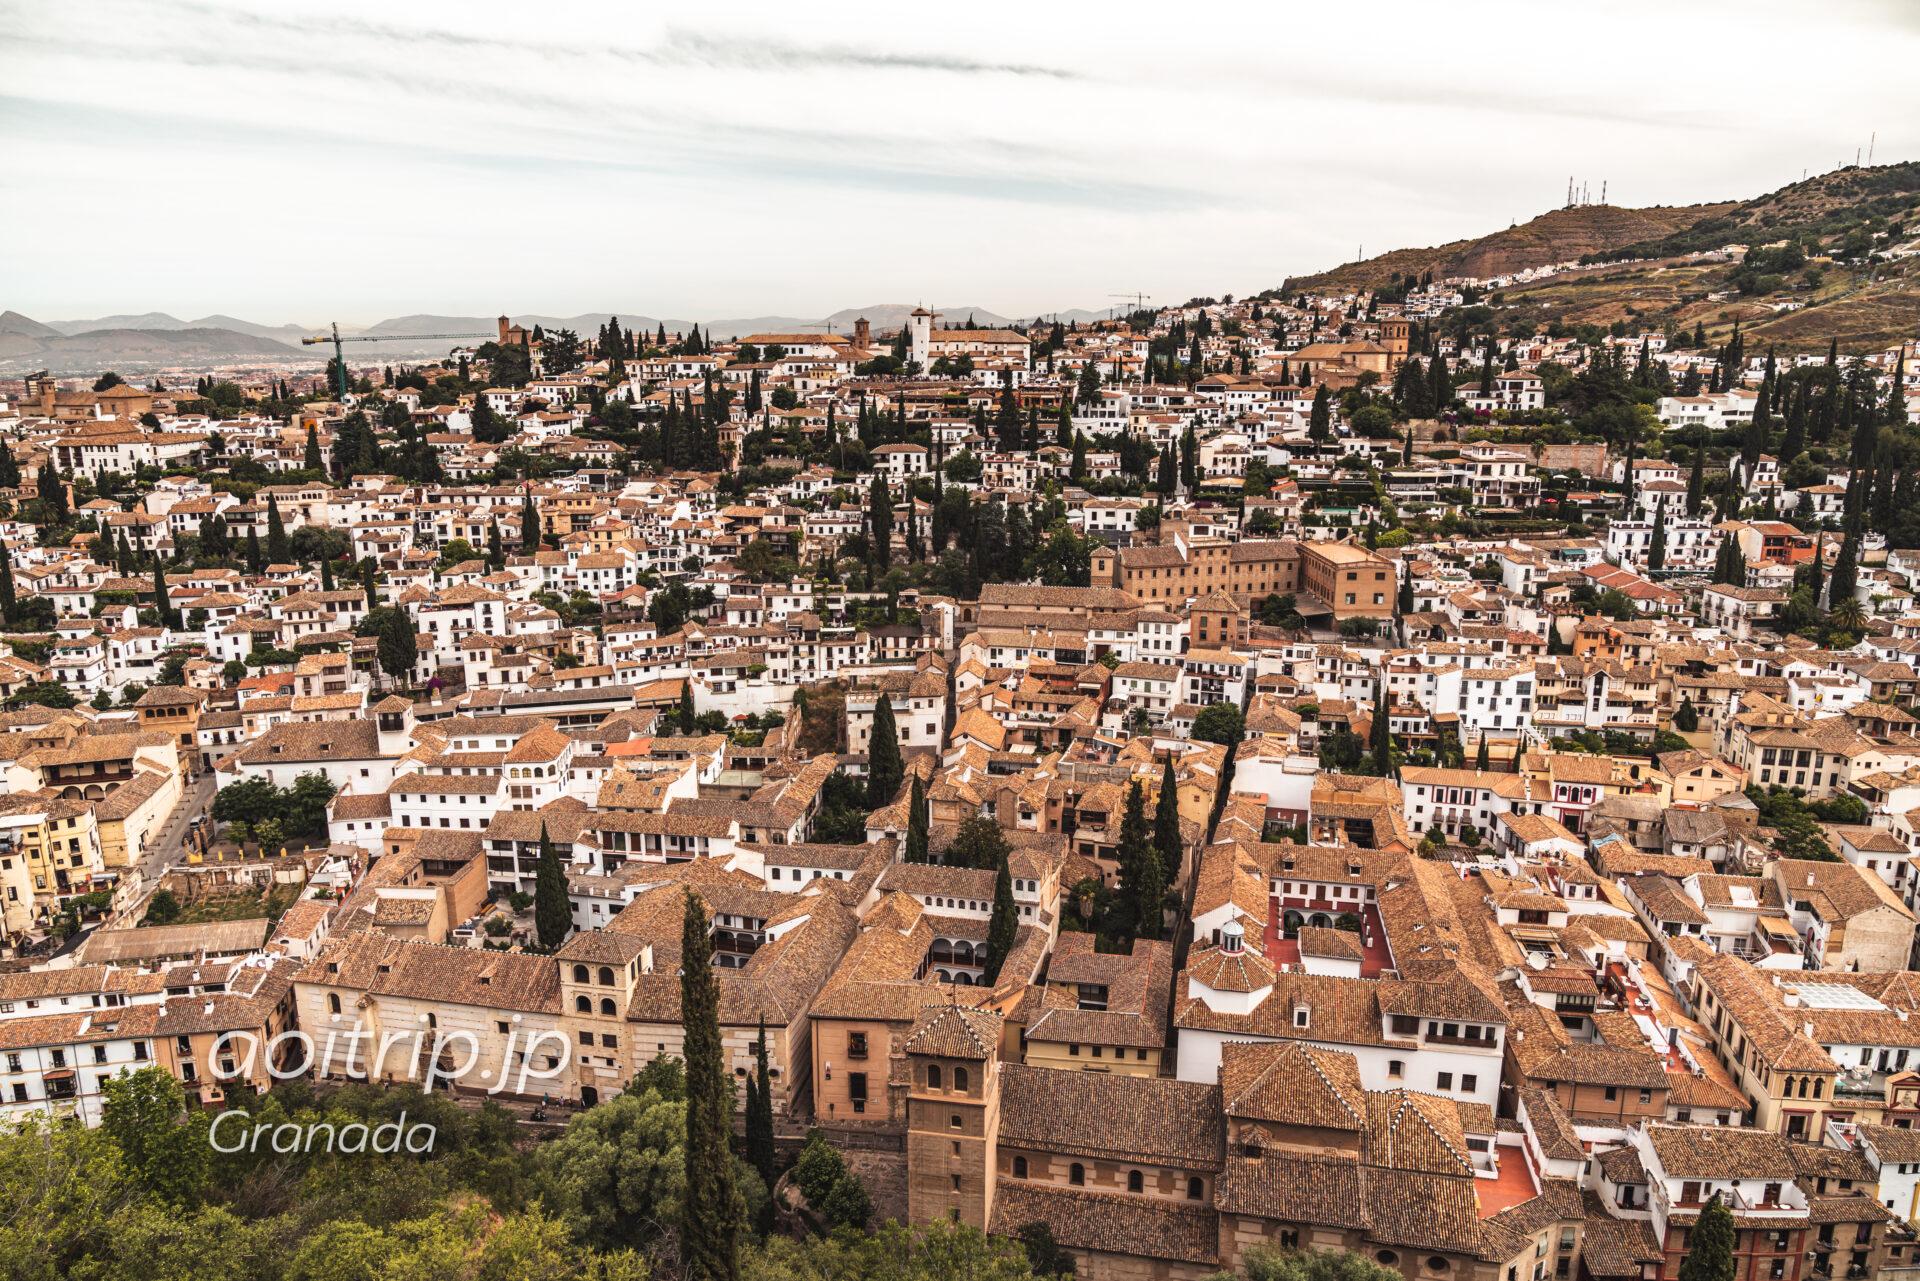 アルハンブラ宮殿アルカサバ クーボの塔から望むアルバイシン地区の街並み・眺望